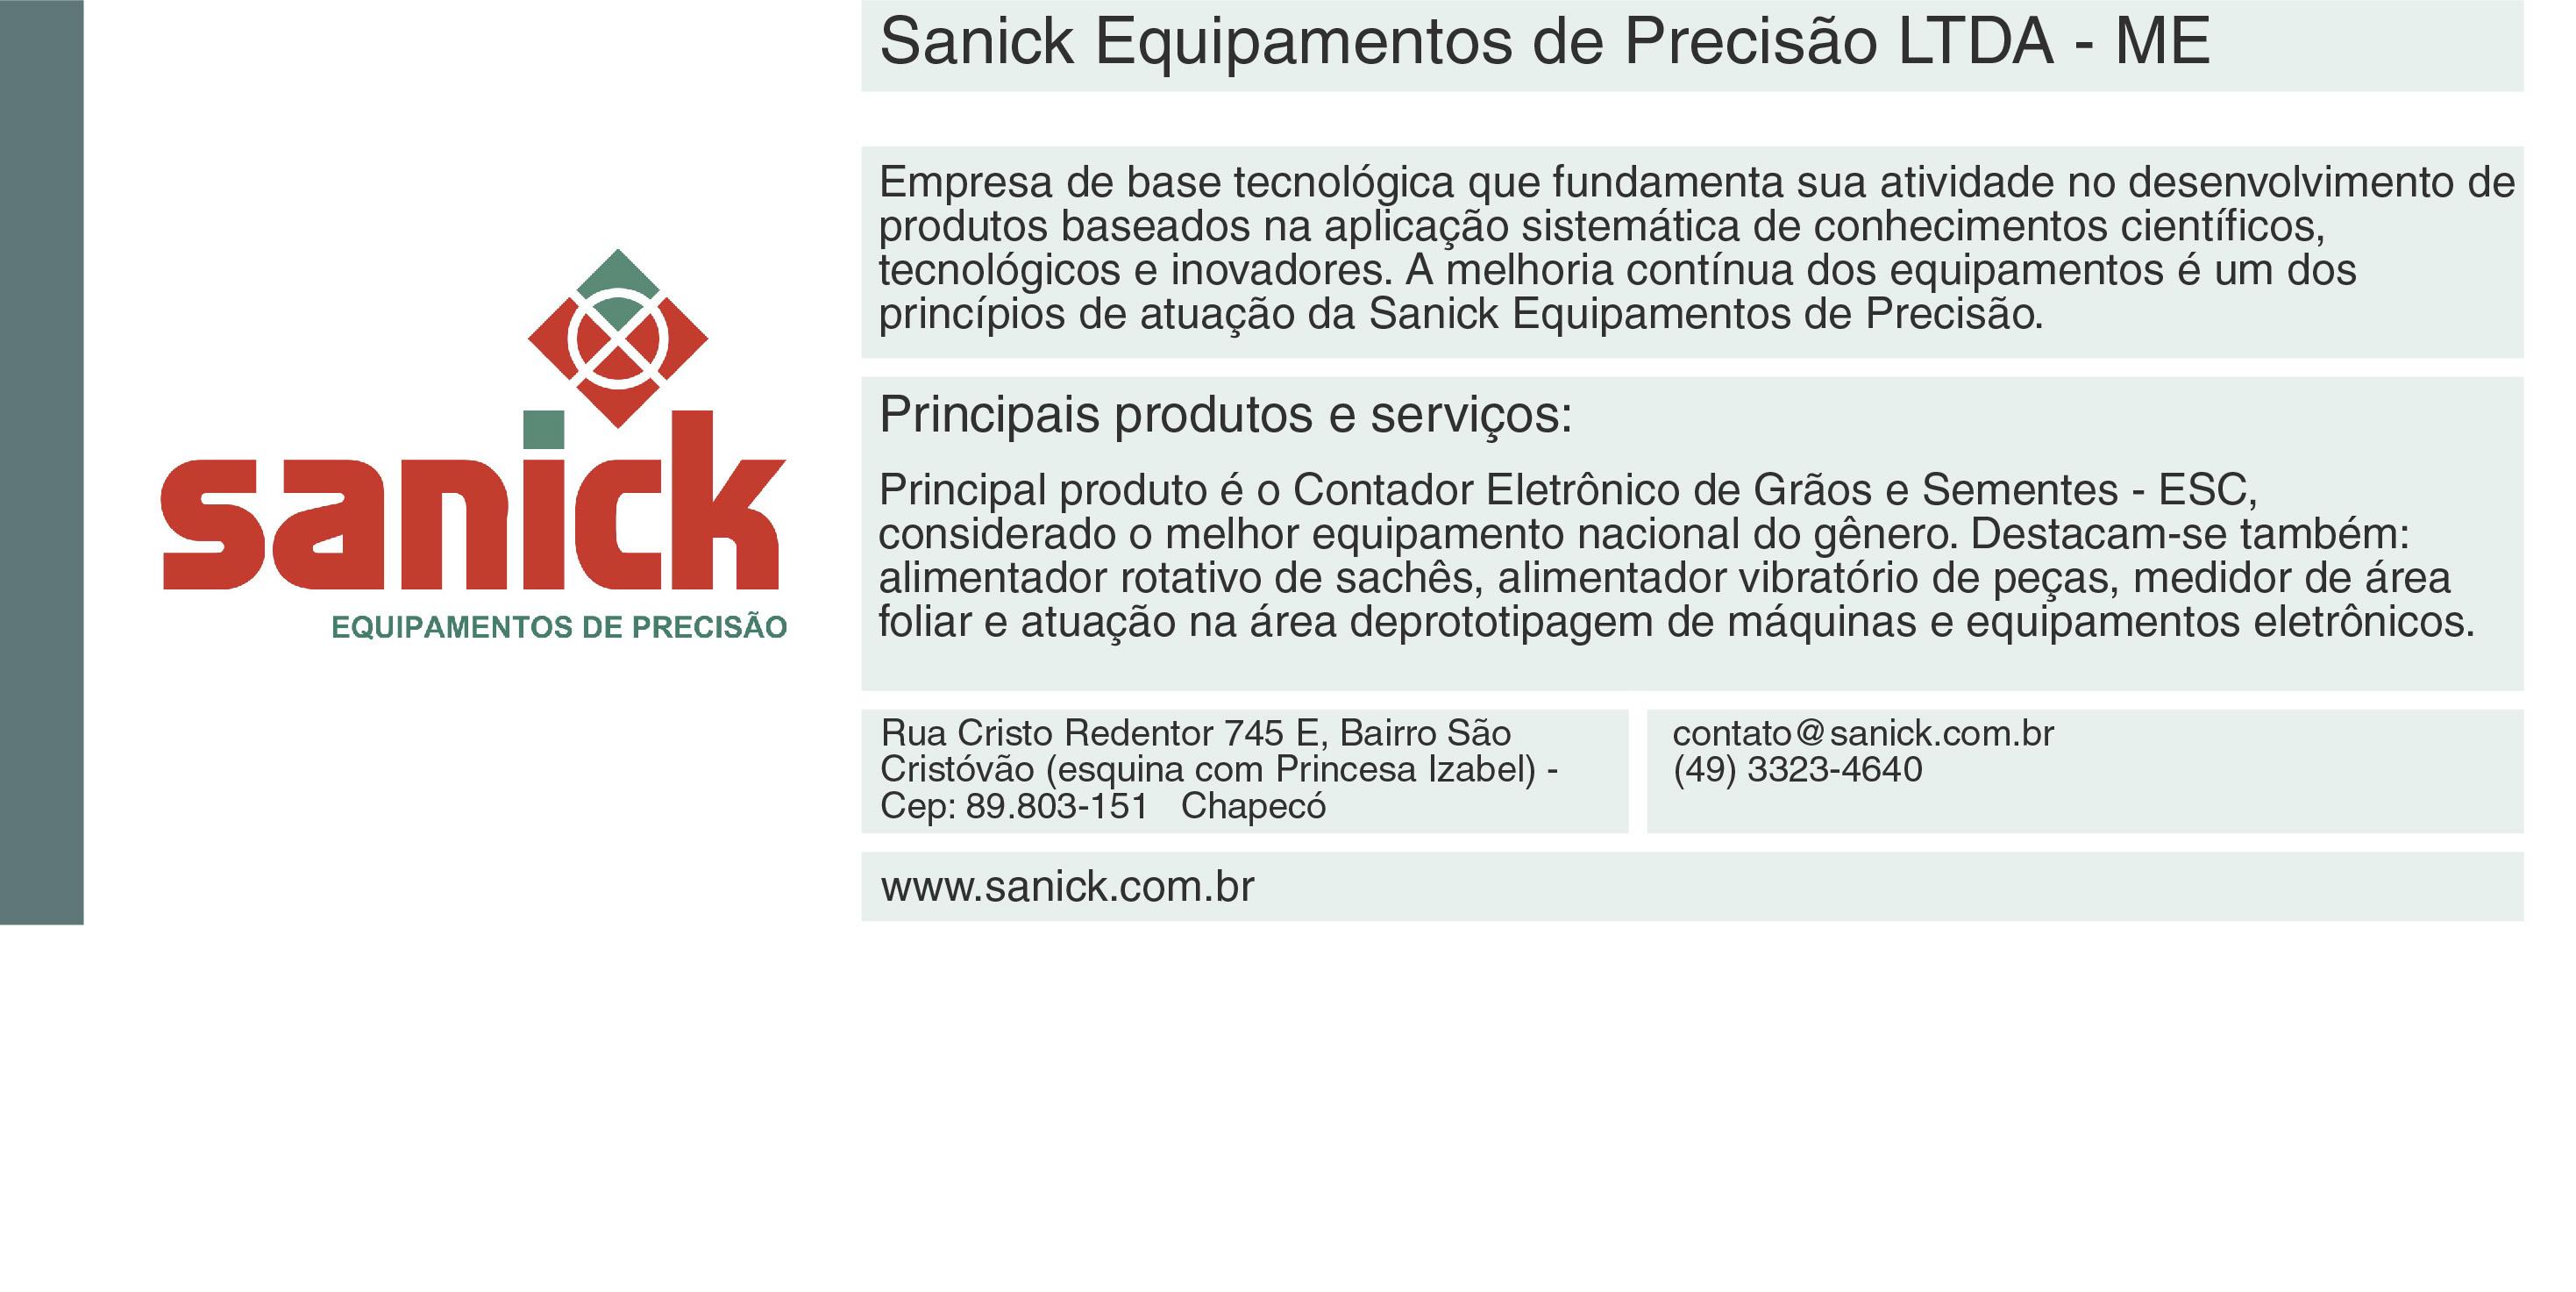 sanick